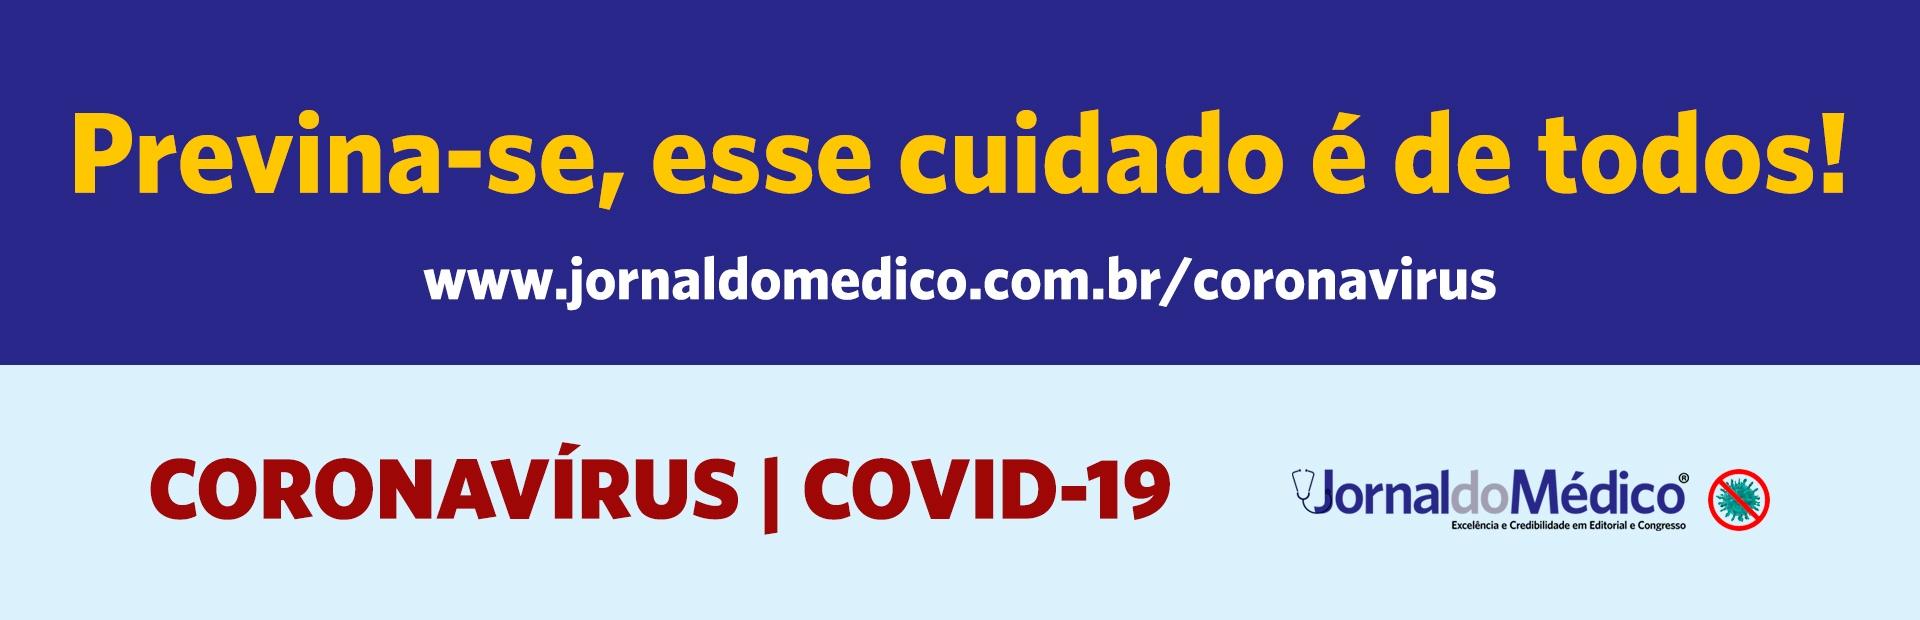 coronavírus Jornal do Médico®